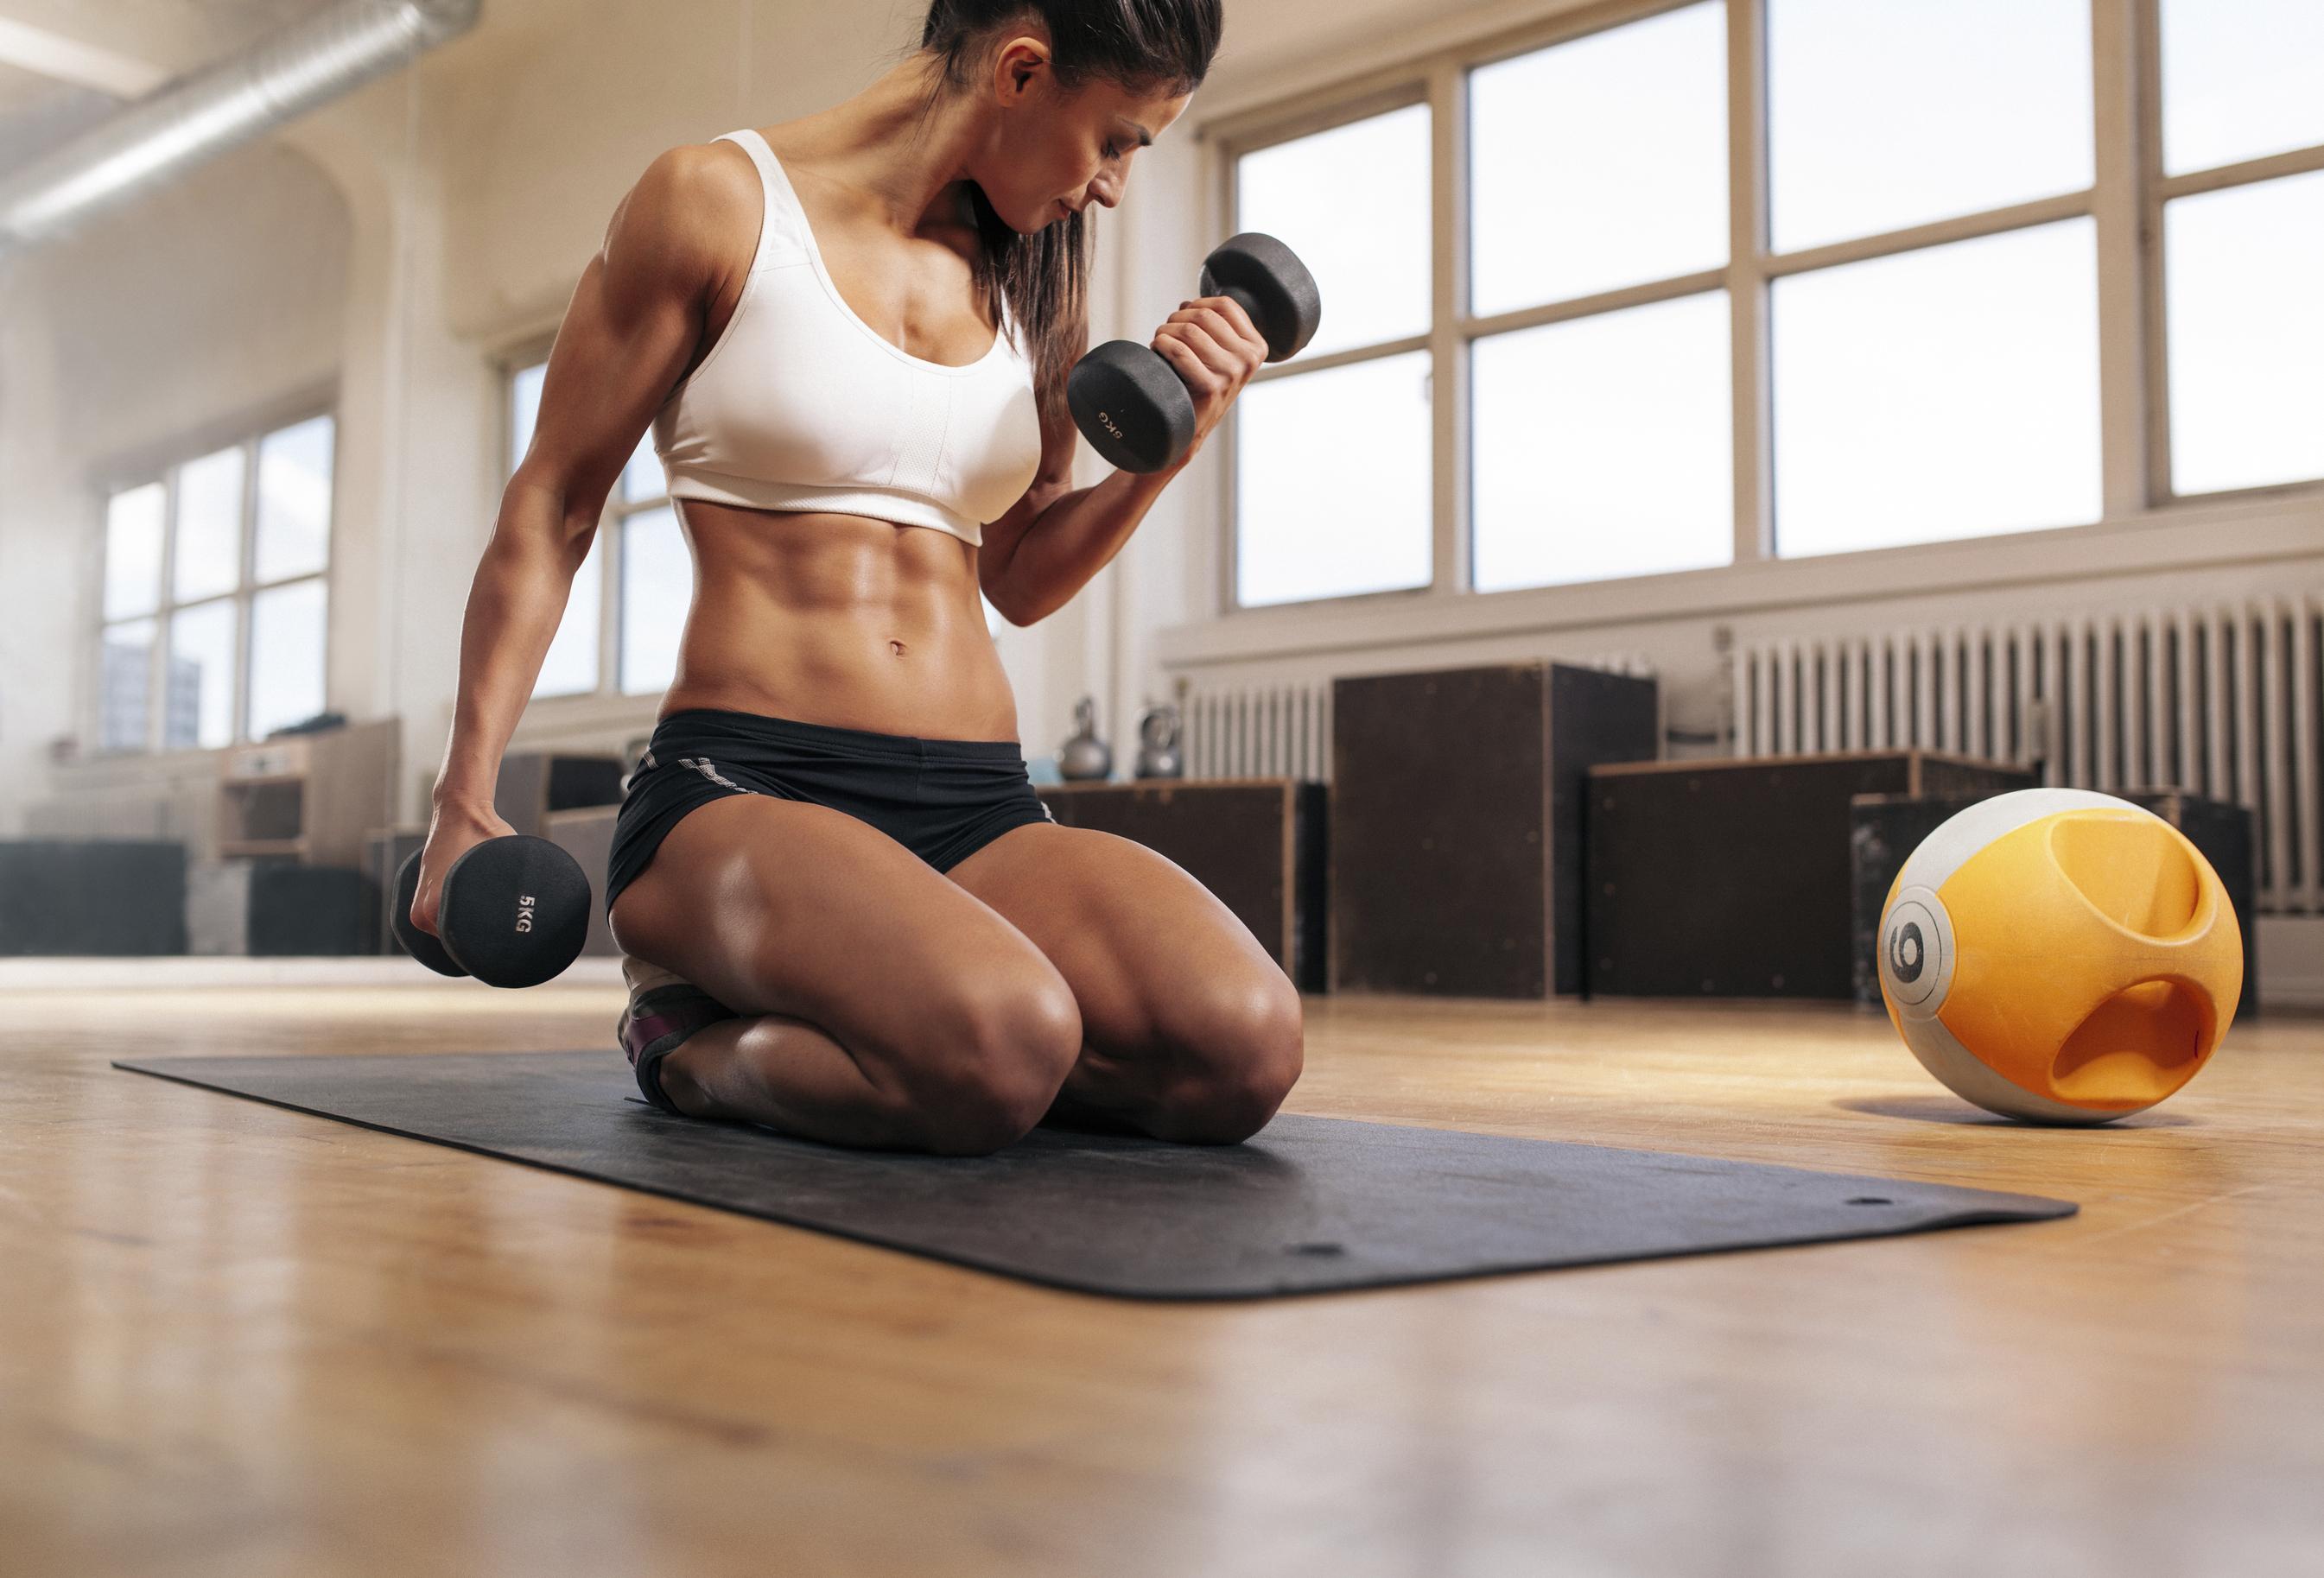 Curl de bíceps con mancuernas, el ejercicio más habitual (iStock)